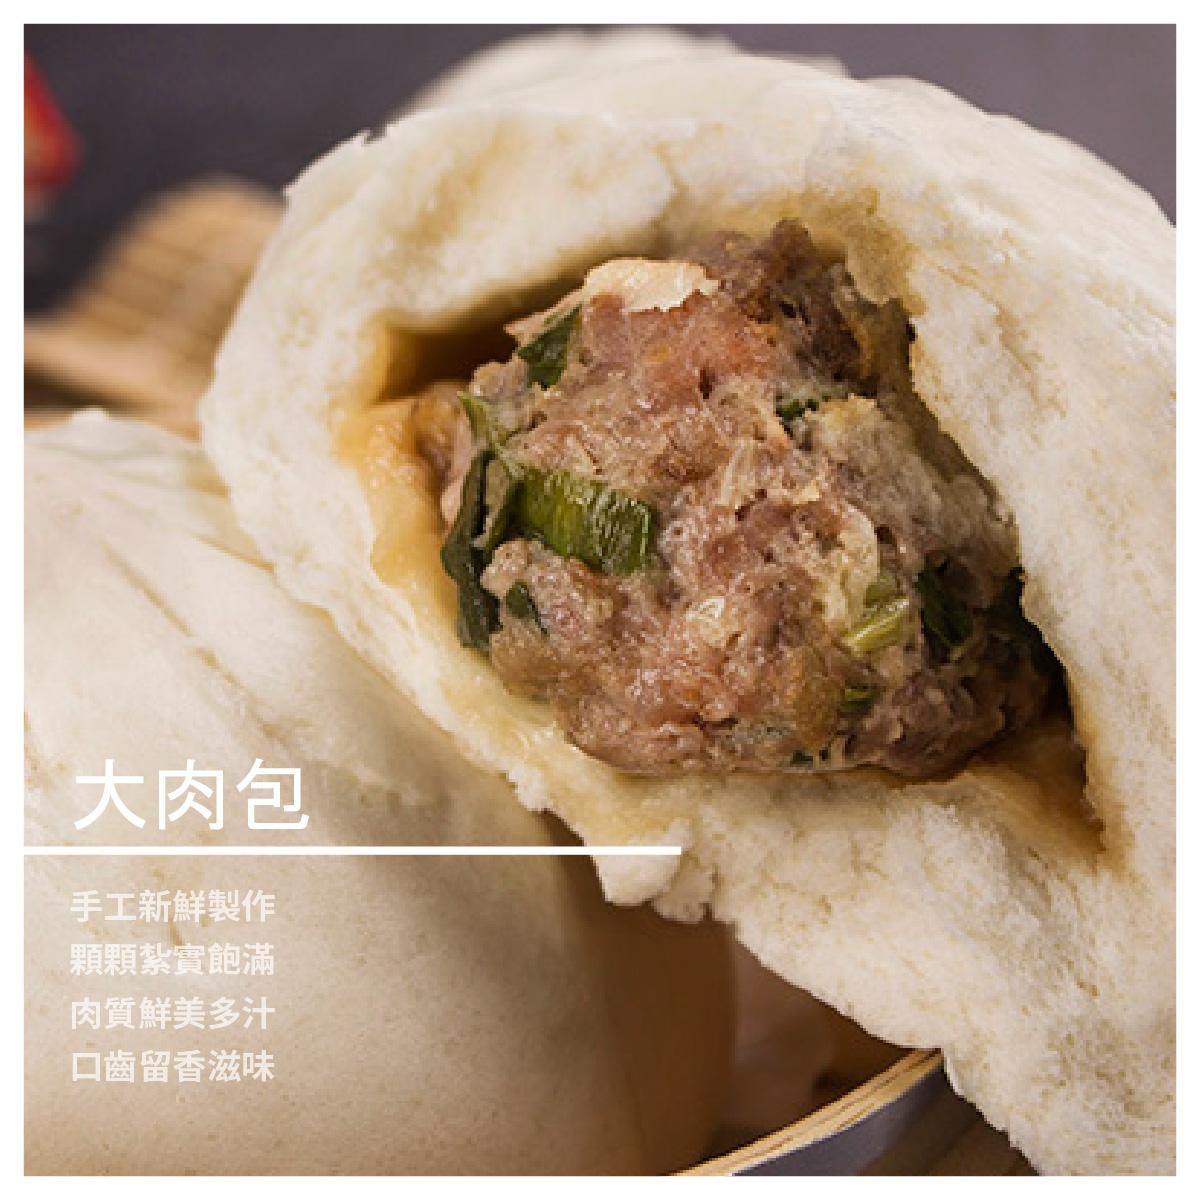 【天美鮮肉包】大肉包/6入